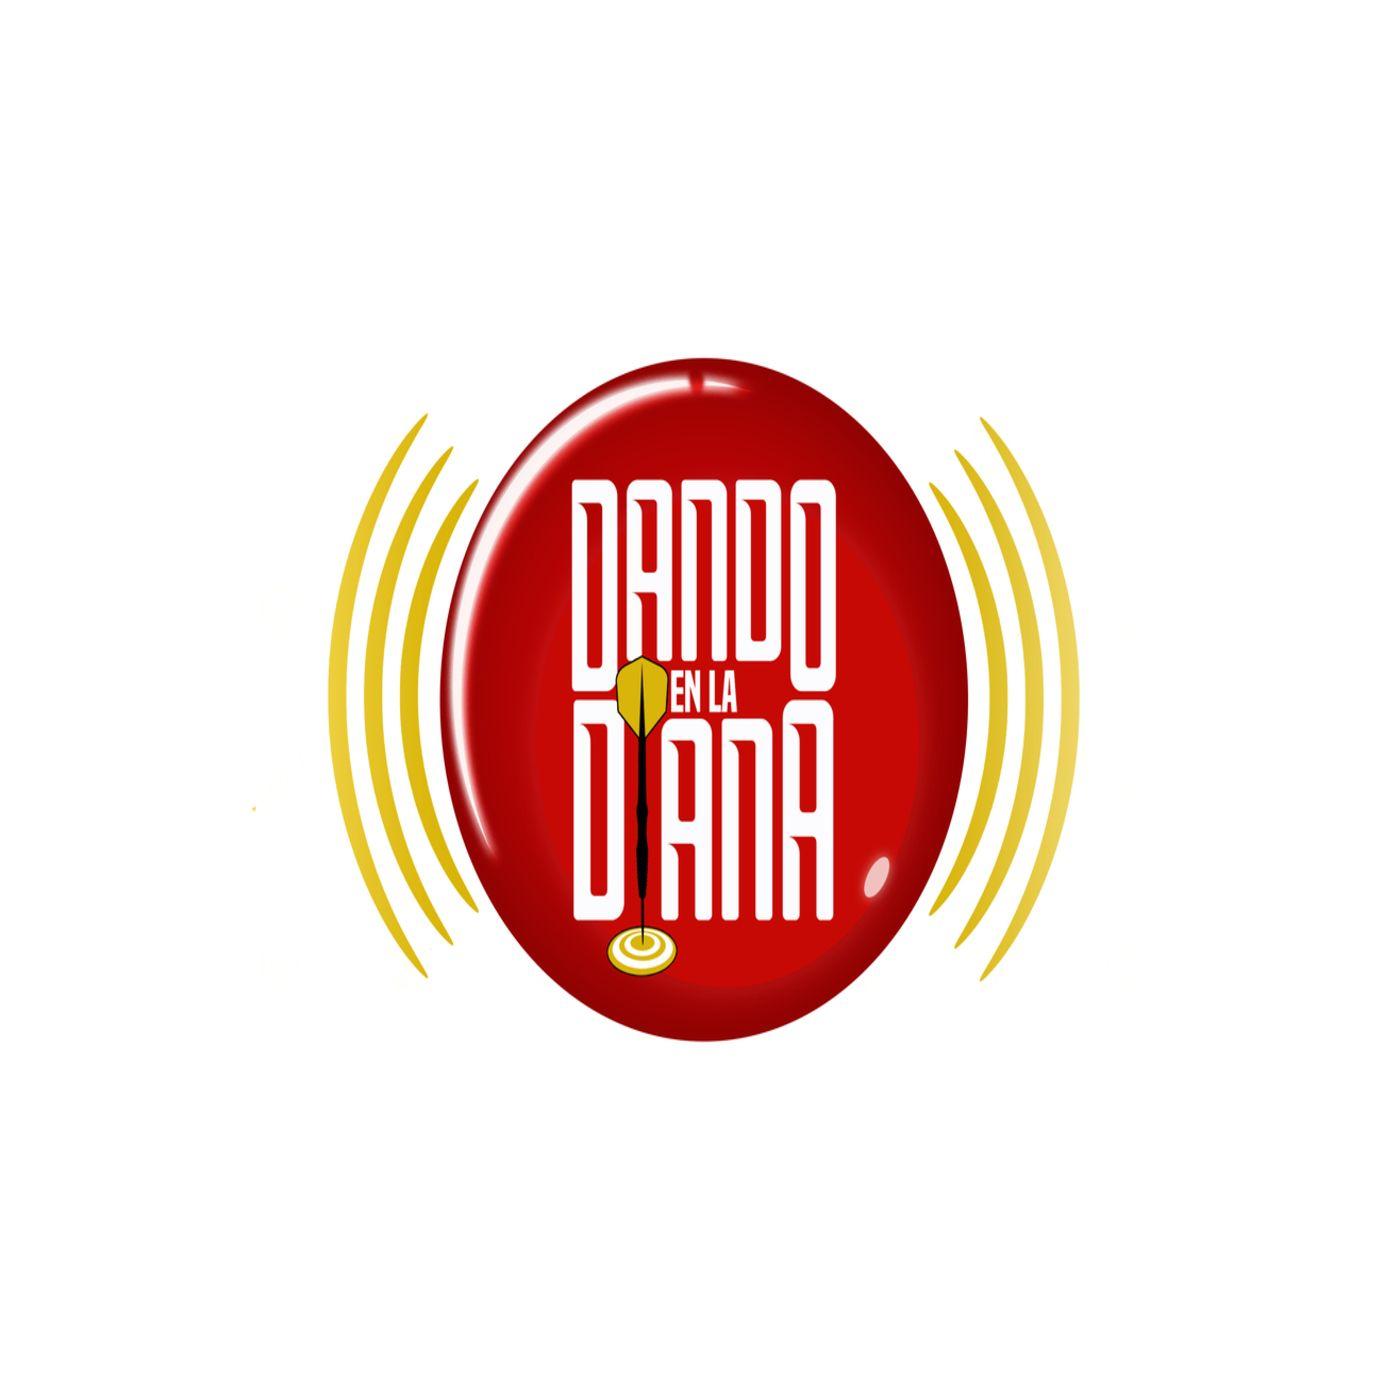 Dando en la Diana - Episodio 79 - 17 Diciembre 2020 - Lando Reyes / Eileen Glass